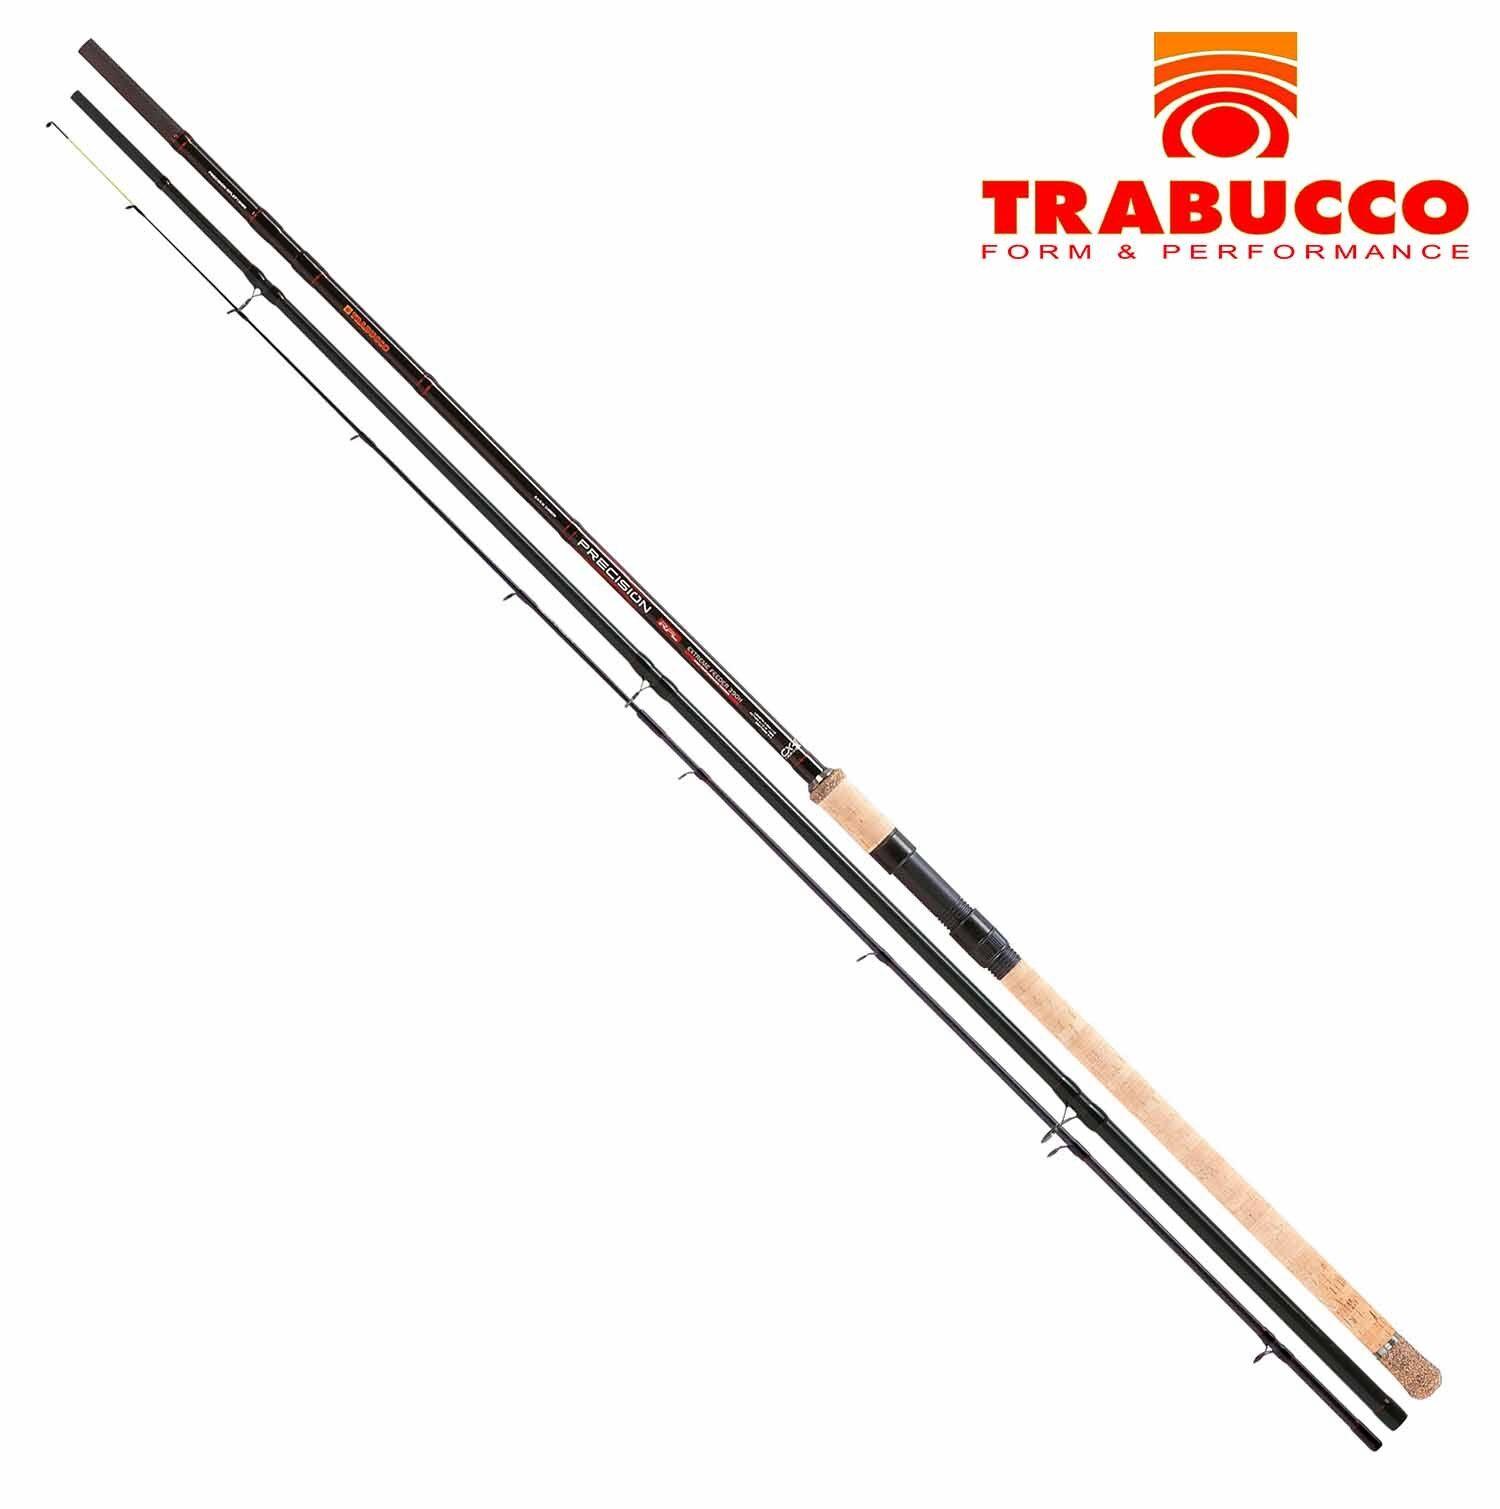 15239300 Canna Trabucco Precision RPL Extreme Feeder 3,90 m 230 g Carbonio CAS